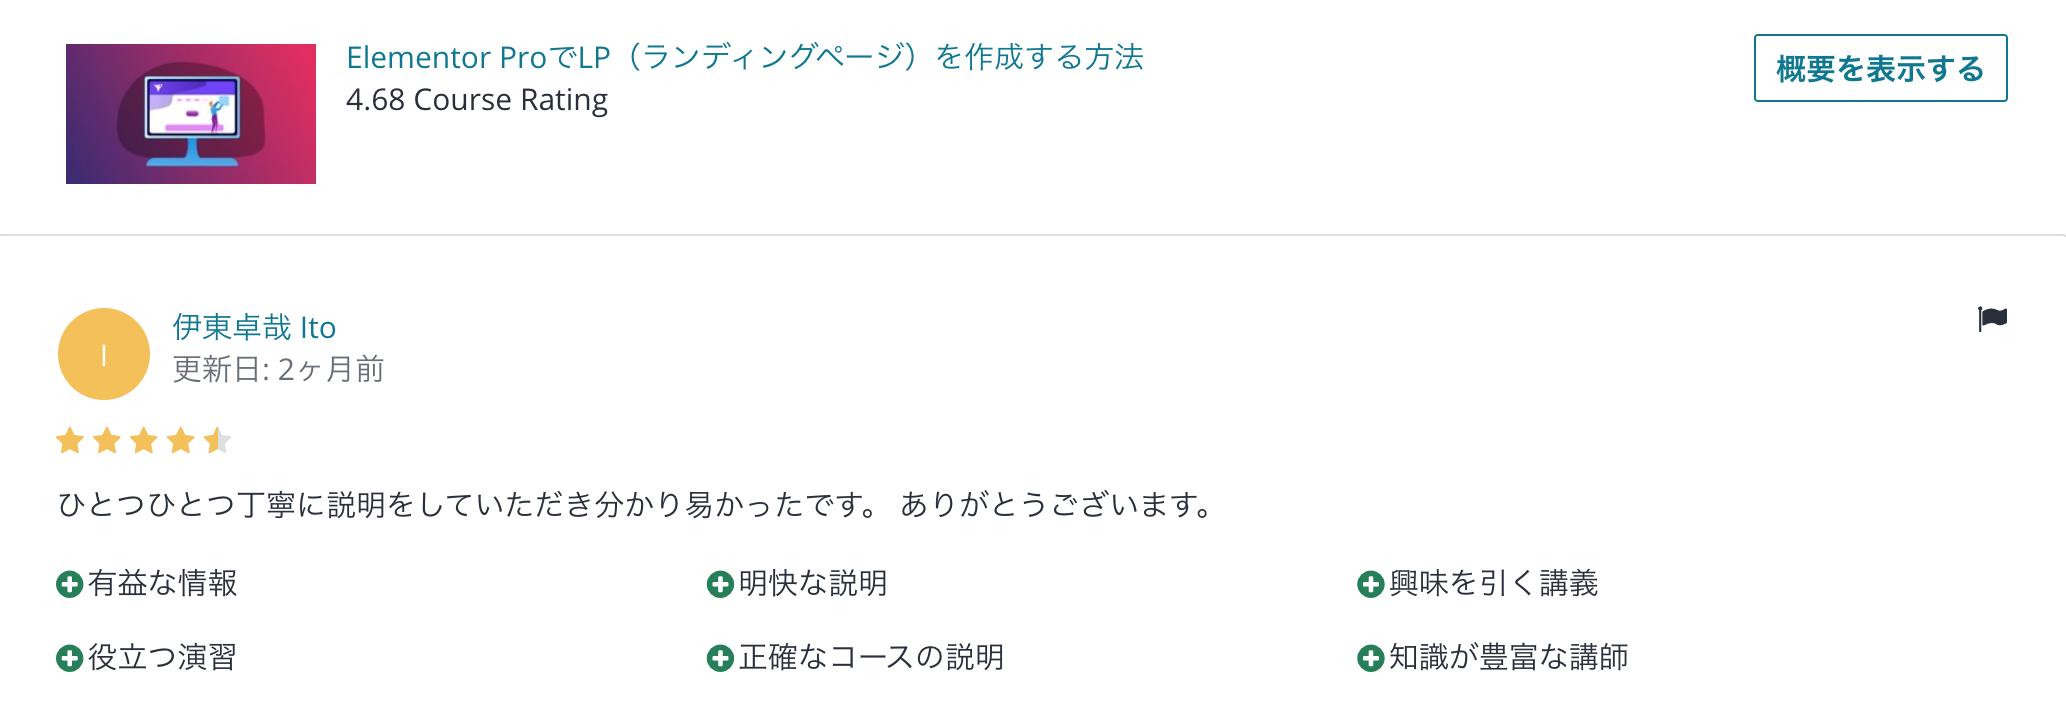 スクリーンショット 2020 02 07 17.03.24